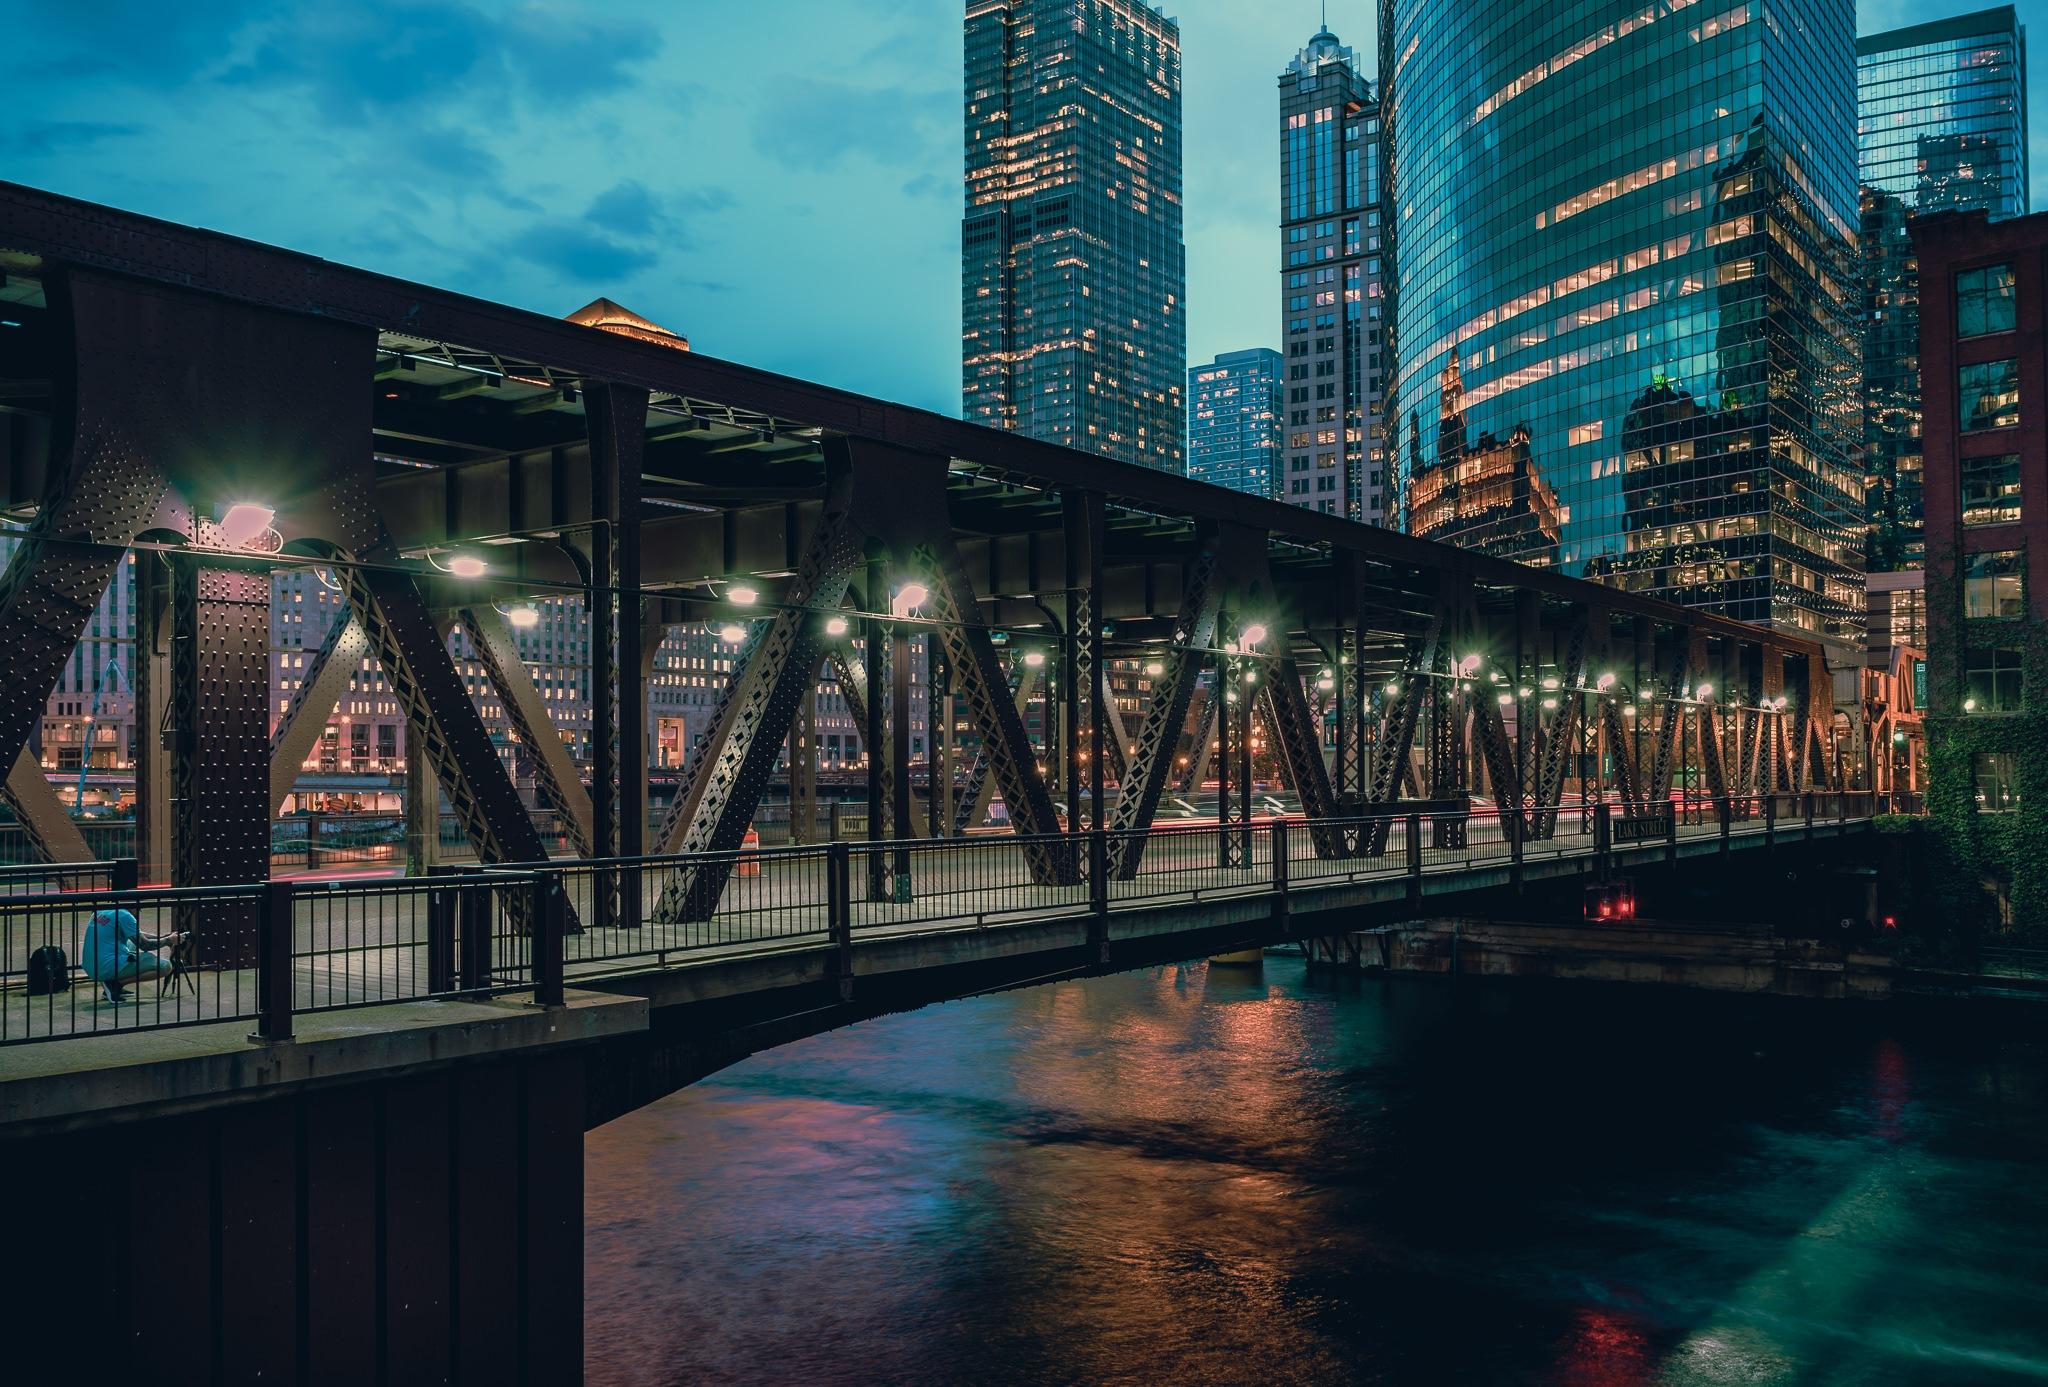 Illuminated Chicago by Nisah Cheatham